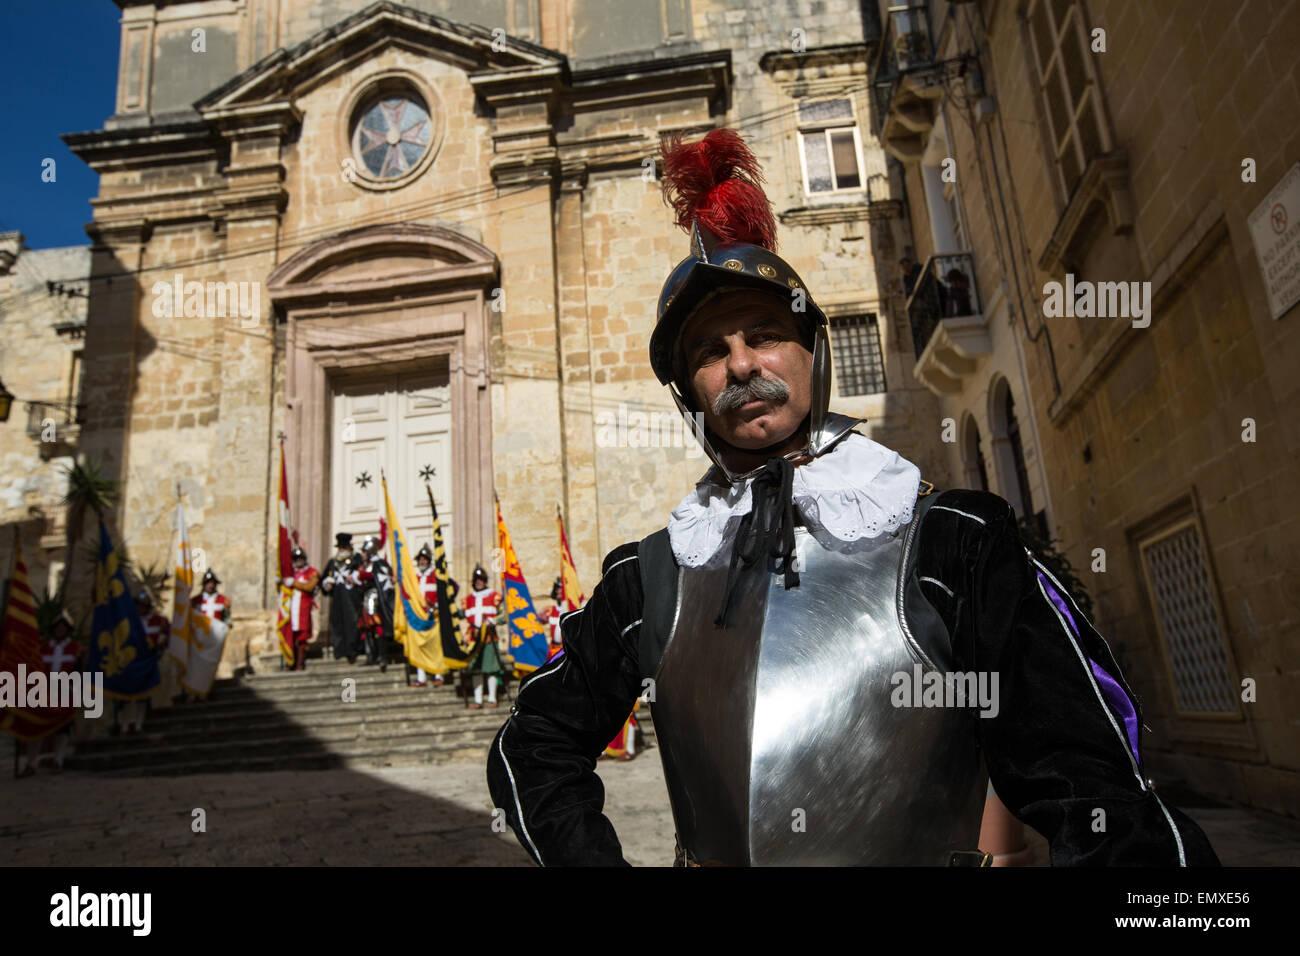 Inguardia Knights of St. John Re-enactment group, in Birgu, in Valletta, Malta - Stock Image